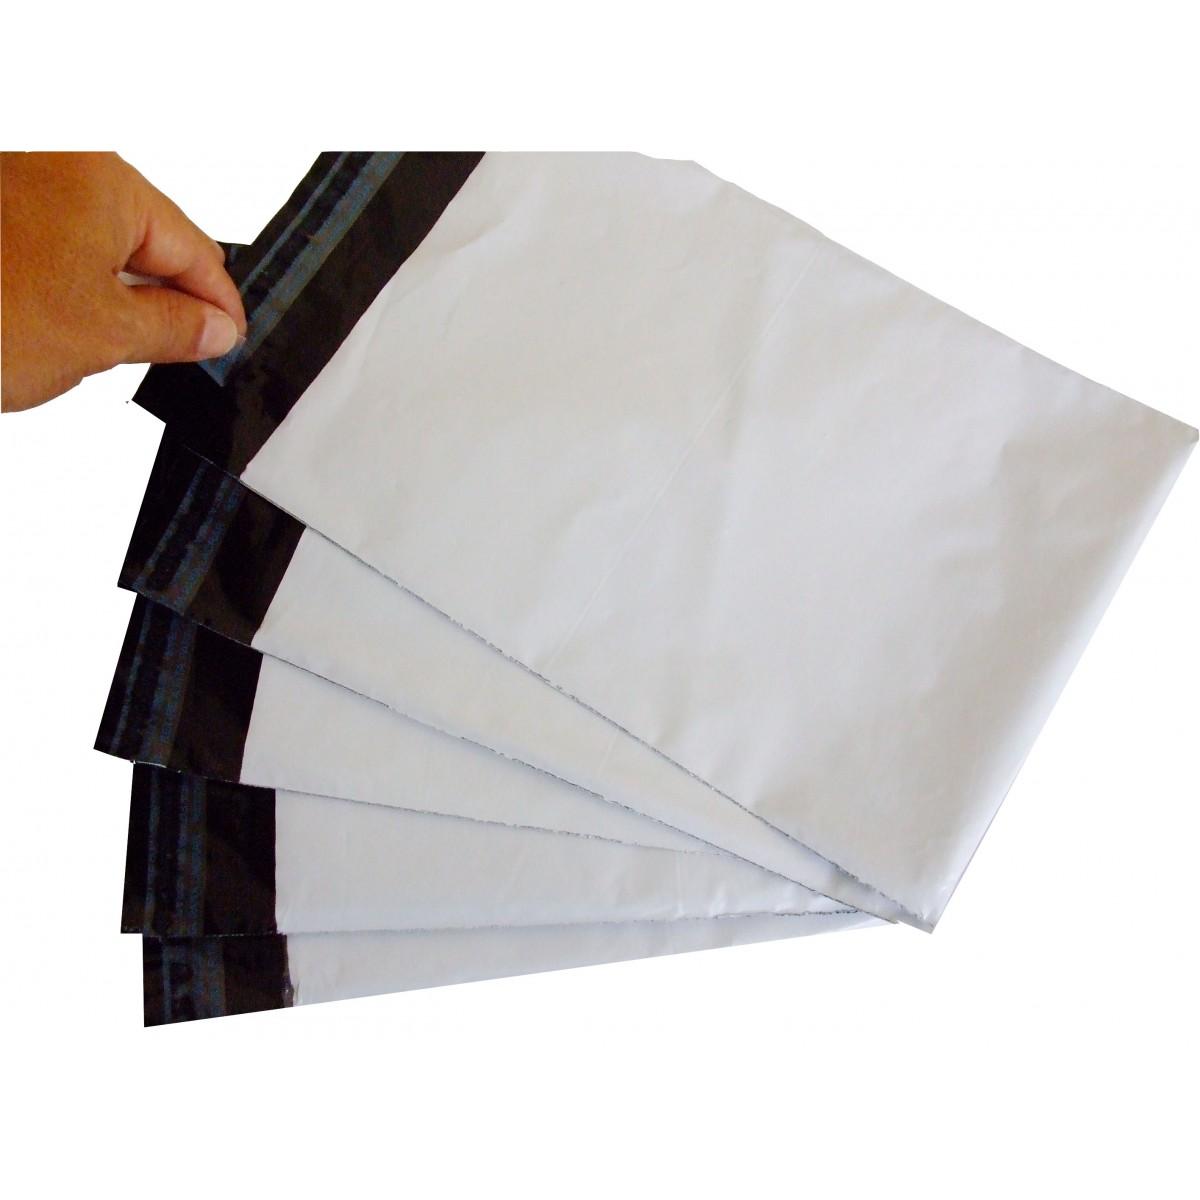 Envelope de Segurança Liso Branco L:60 X C:50 + 5 (Aba) cm